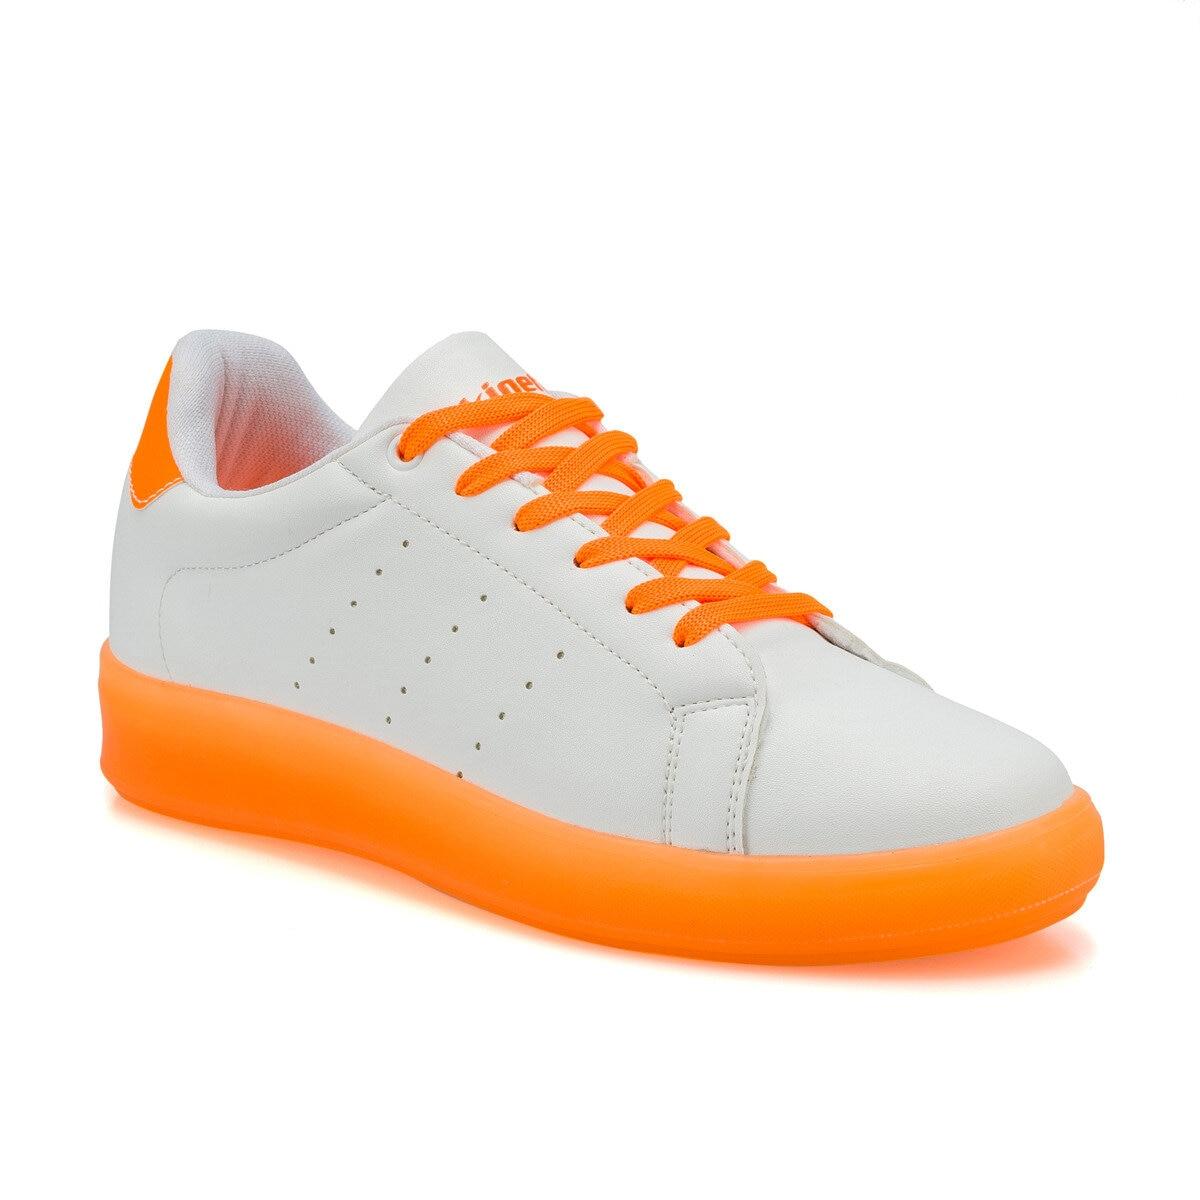 FLO HARVEY W White Women 'S Sneaker Shoes KINETIX